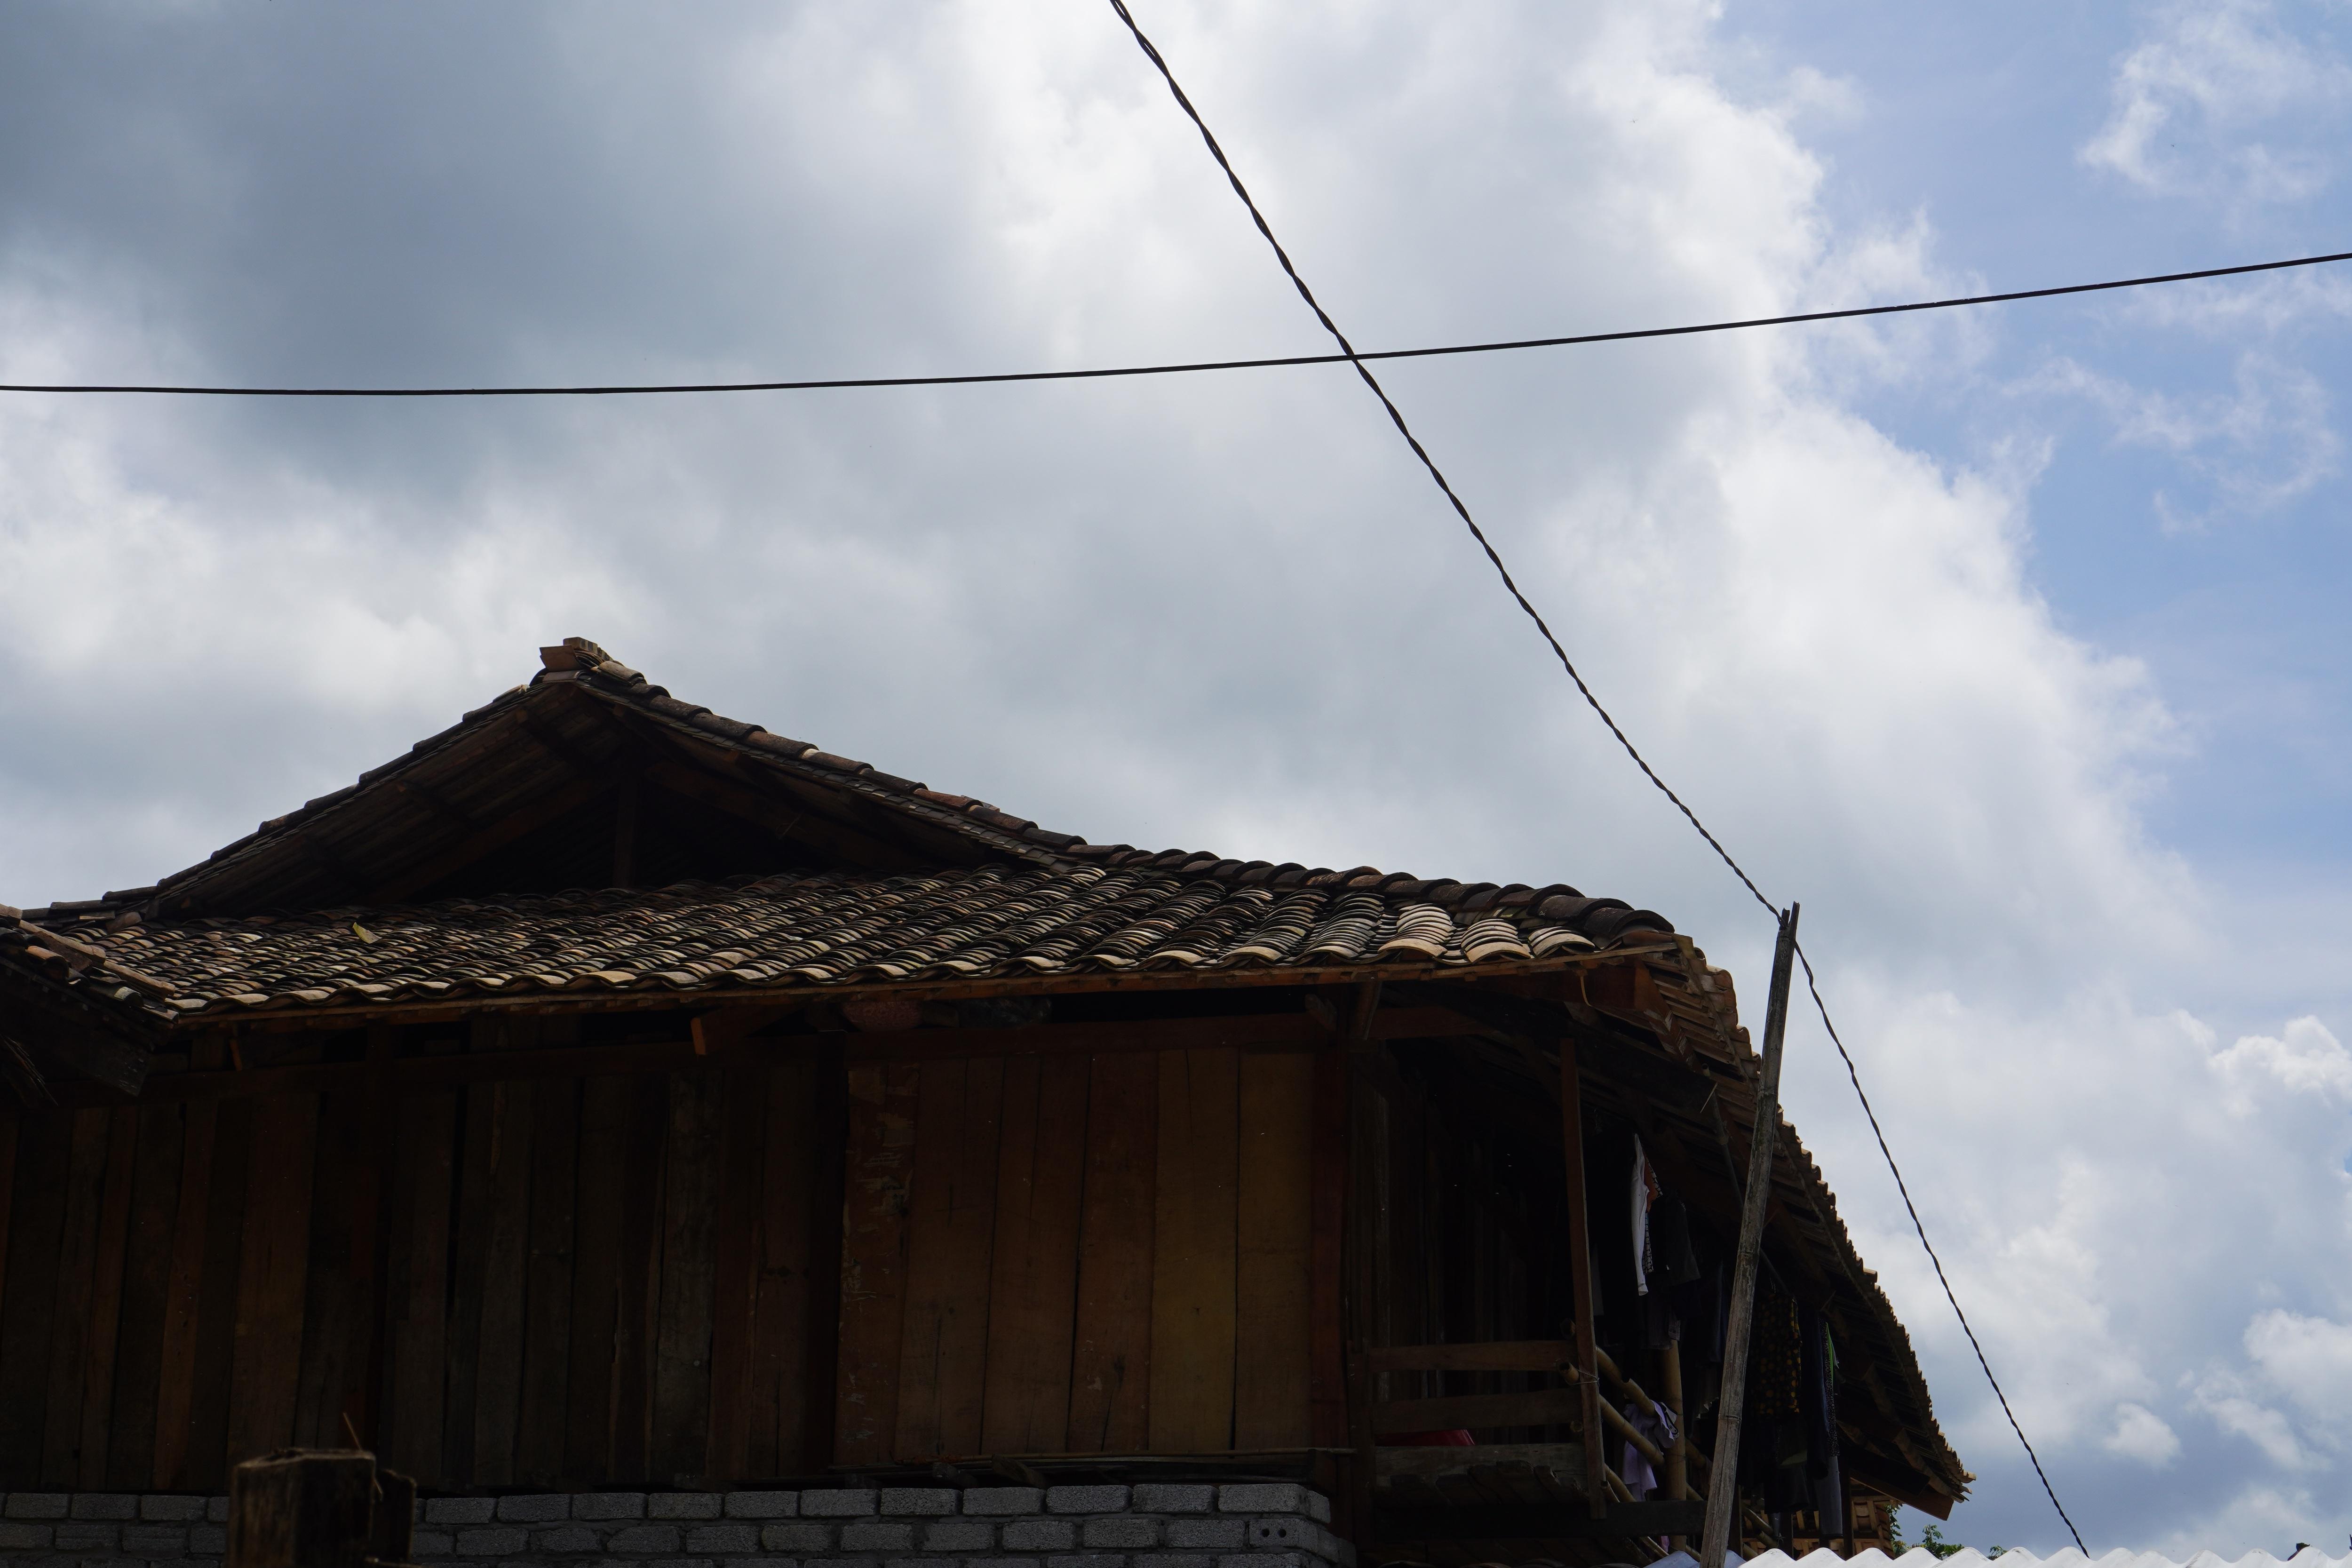 Khám phá ngôi làng có hơn 400 nóc nhà sàn tại thung lũng mây Bắc Sơn - 6